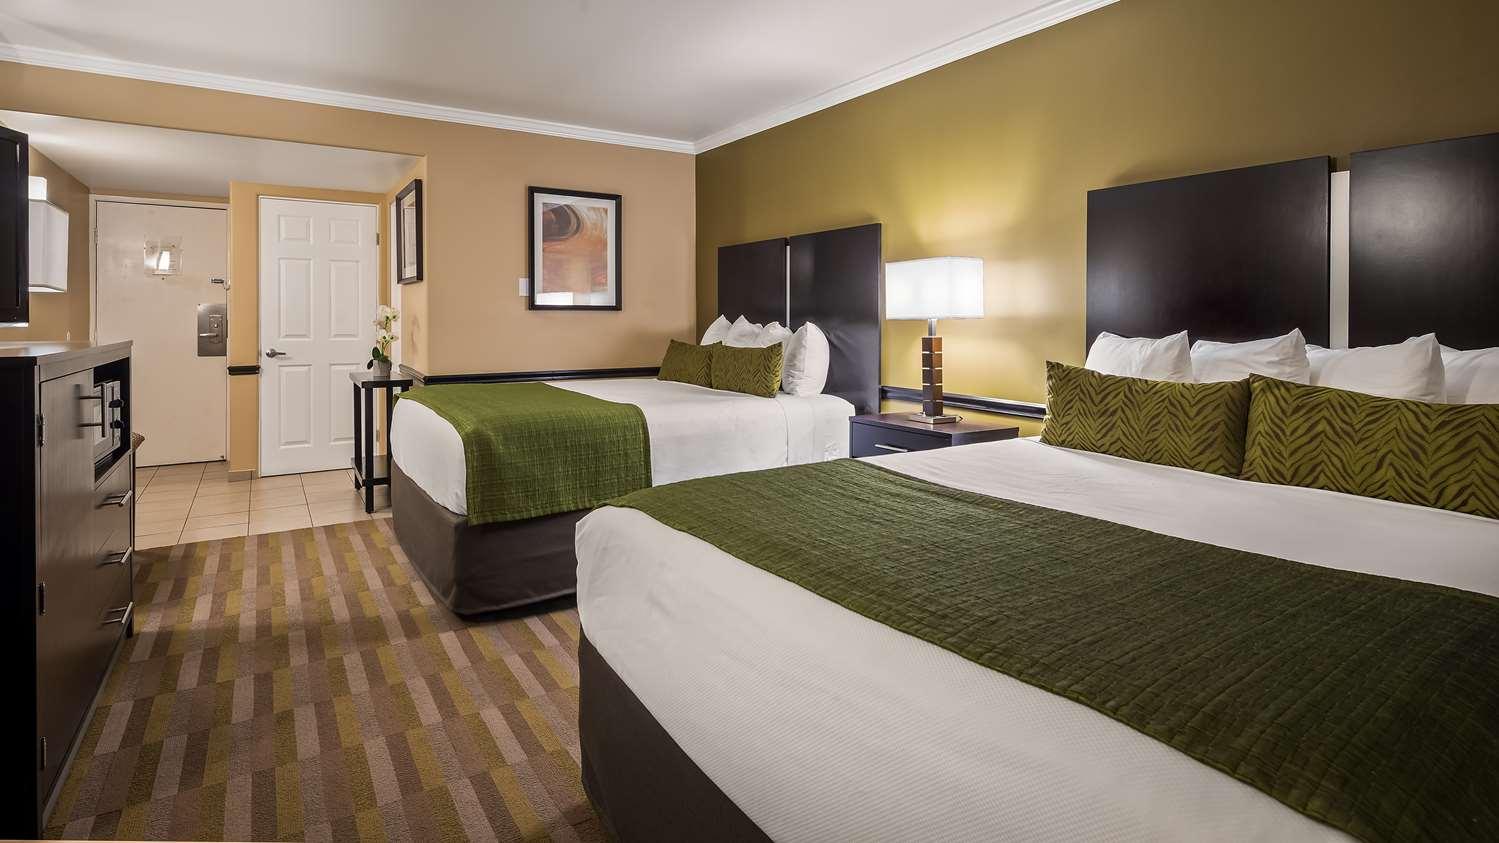 Photo of Best Western 2 Queen Room